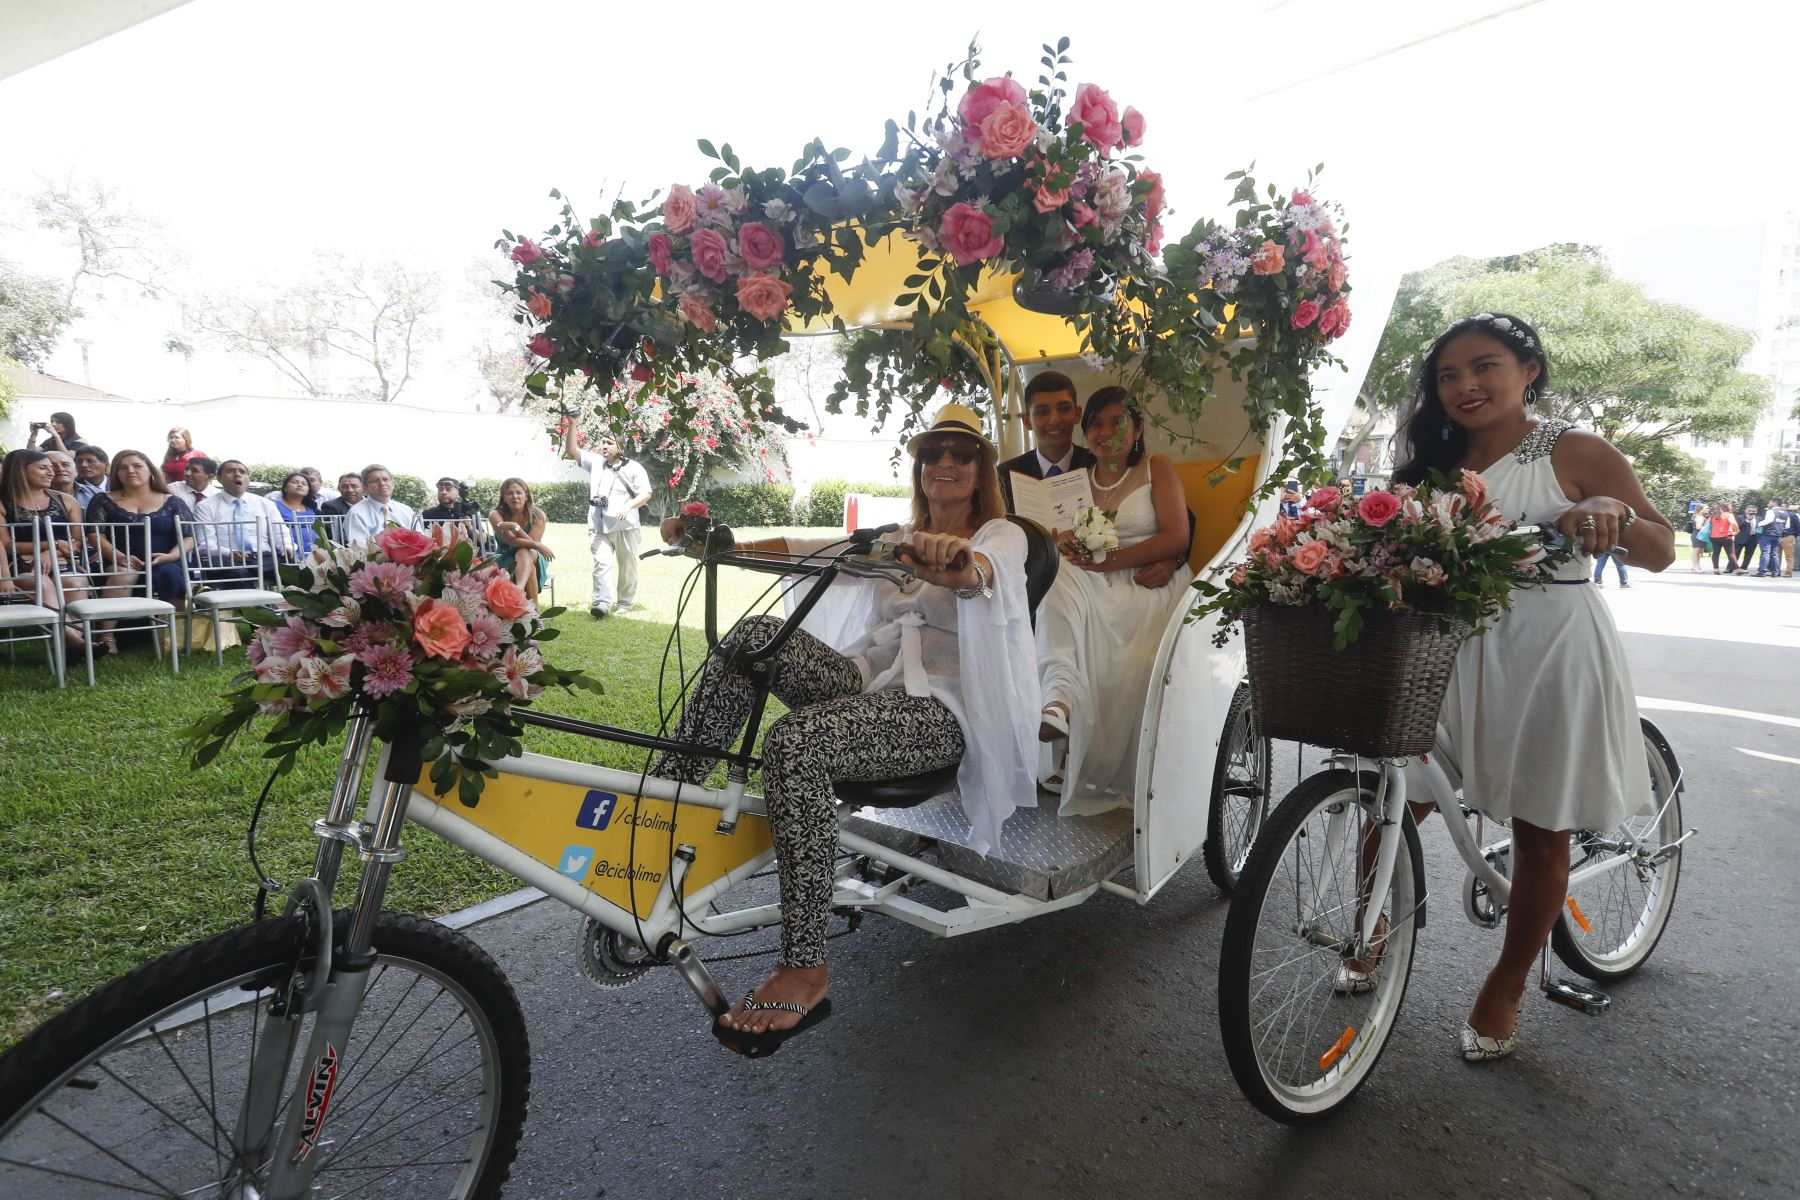 En el Día del Amor y la Amistad, ciento nueve parejas se dieron el sí ante la Ley en el primer matrimonio civil comunitario del año que organizó la Municipalidad de Lima. Foto: ANDINA/Renato Pajuelo